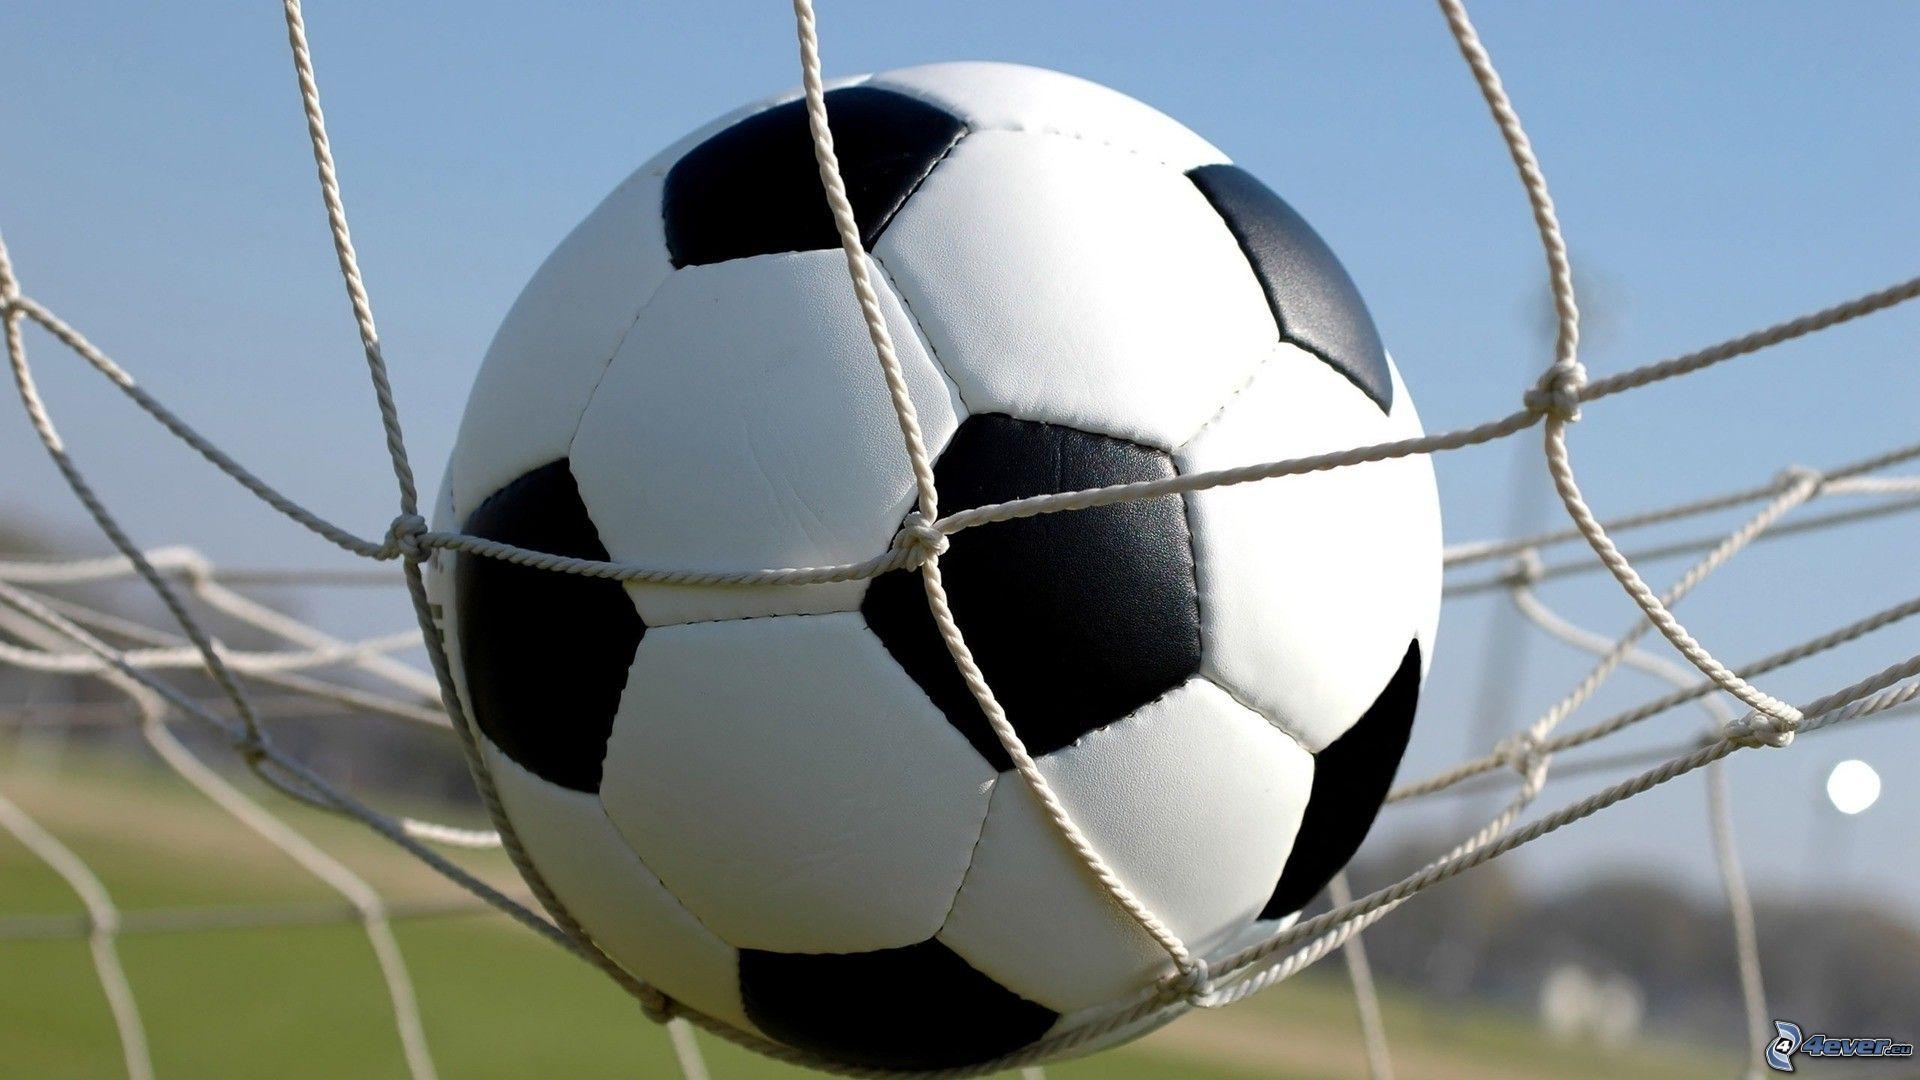 Balón De Fútbol 1920x1080 Hd: Balón De Fútbol